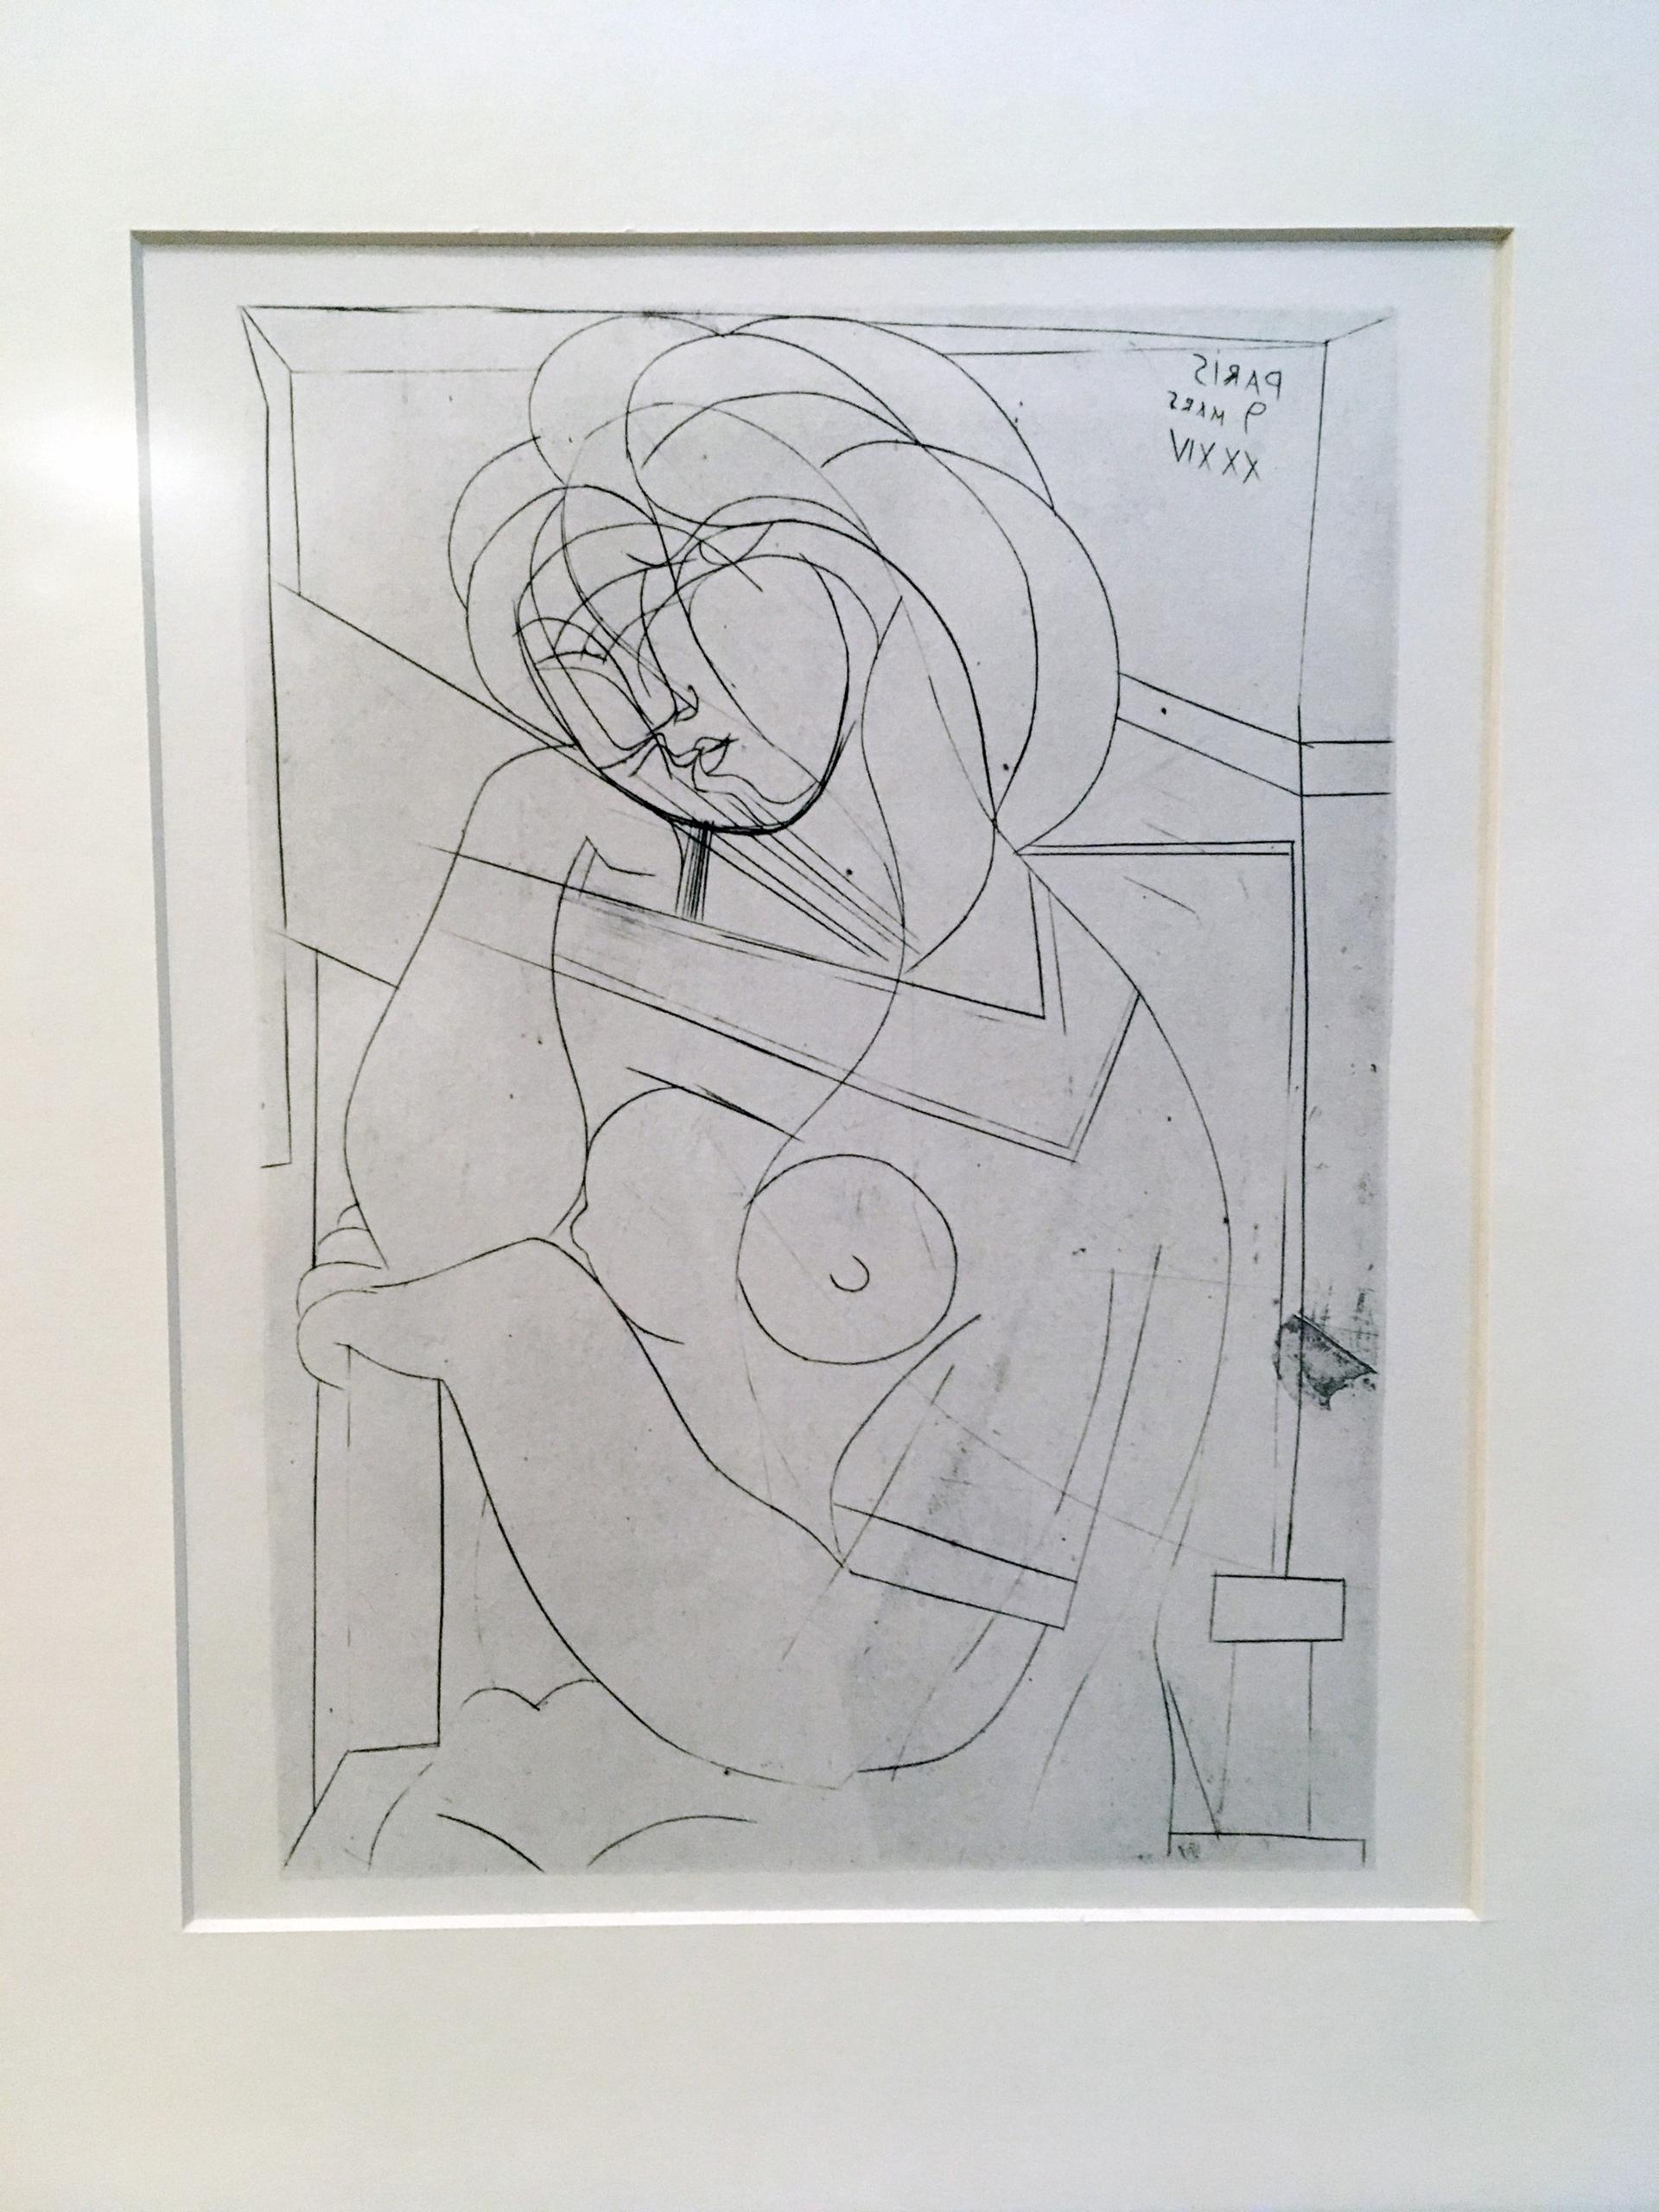 Zdjęcie przedstawia rysunek kobiety podpierającej głowę ręką.